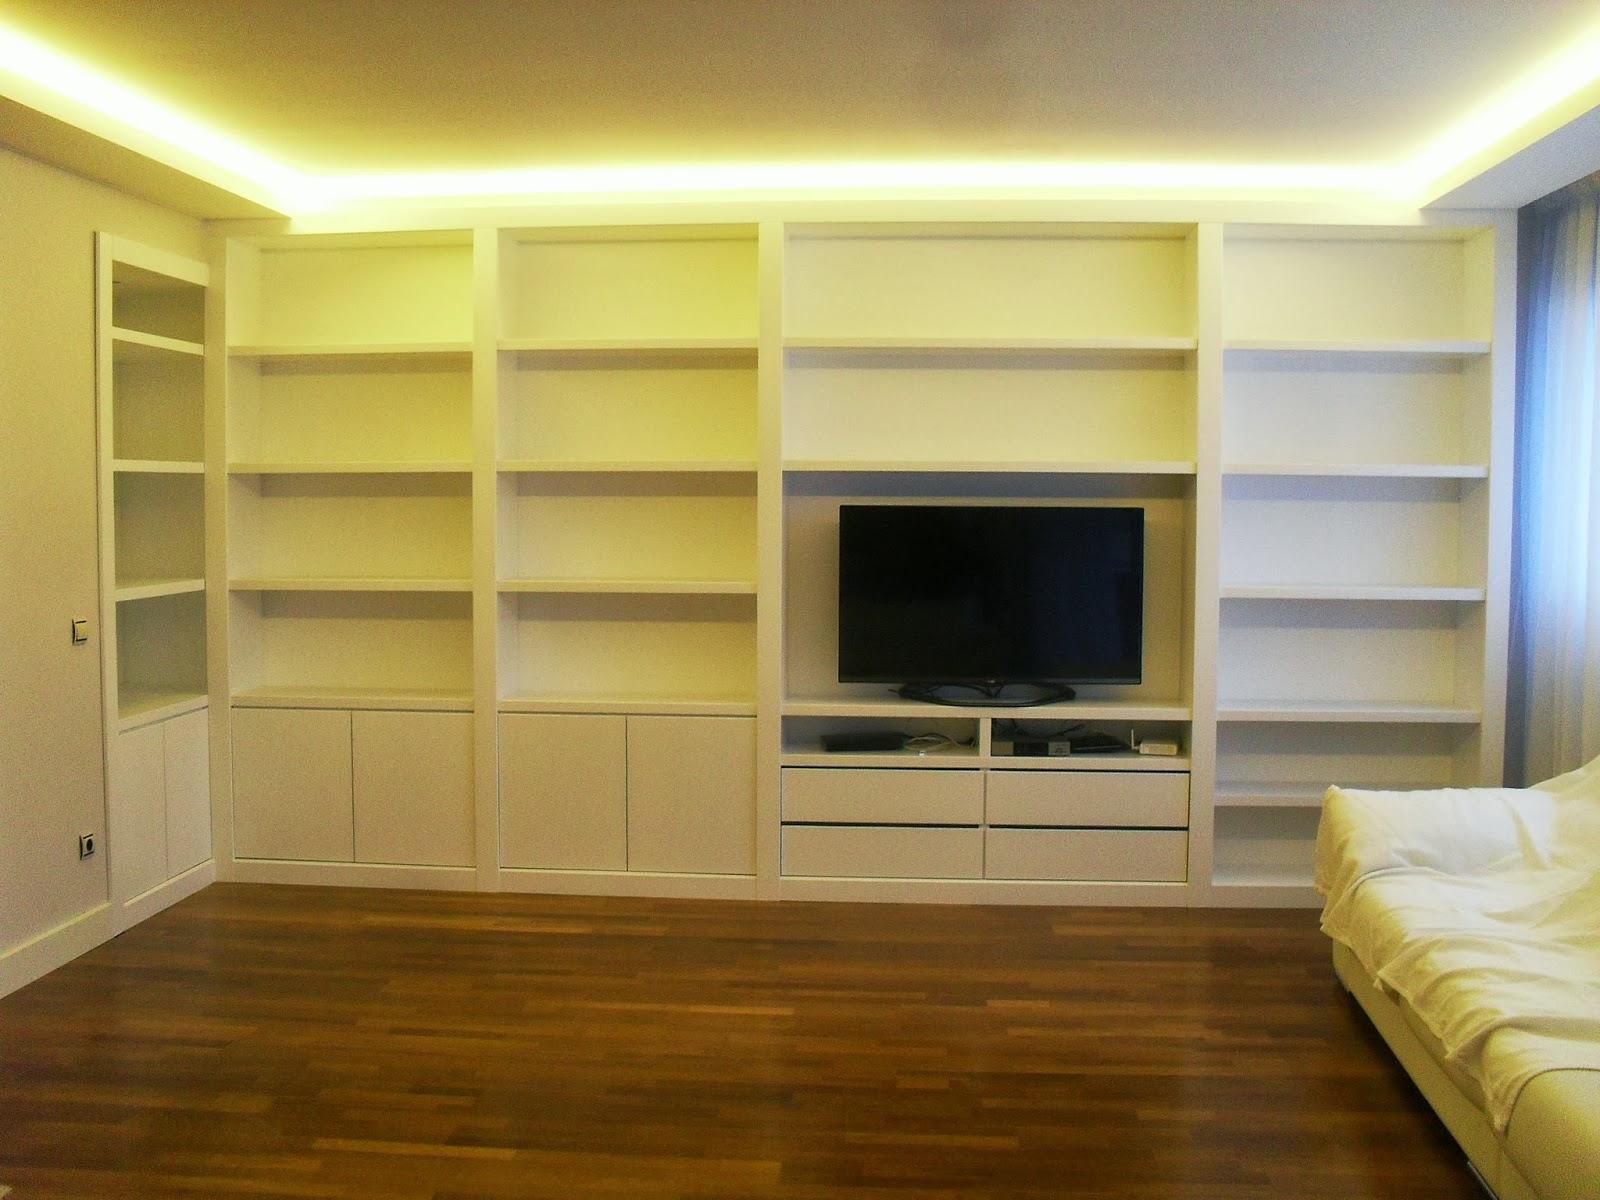 Librerias a medida madrid muebles librerias lacadas de - Librerias a medida ...